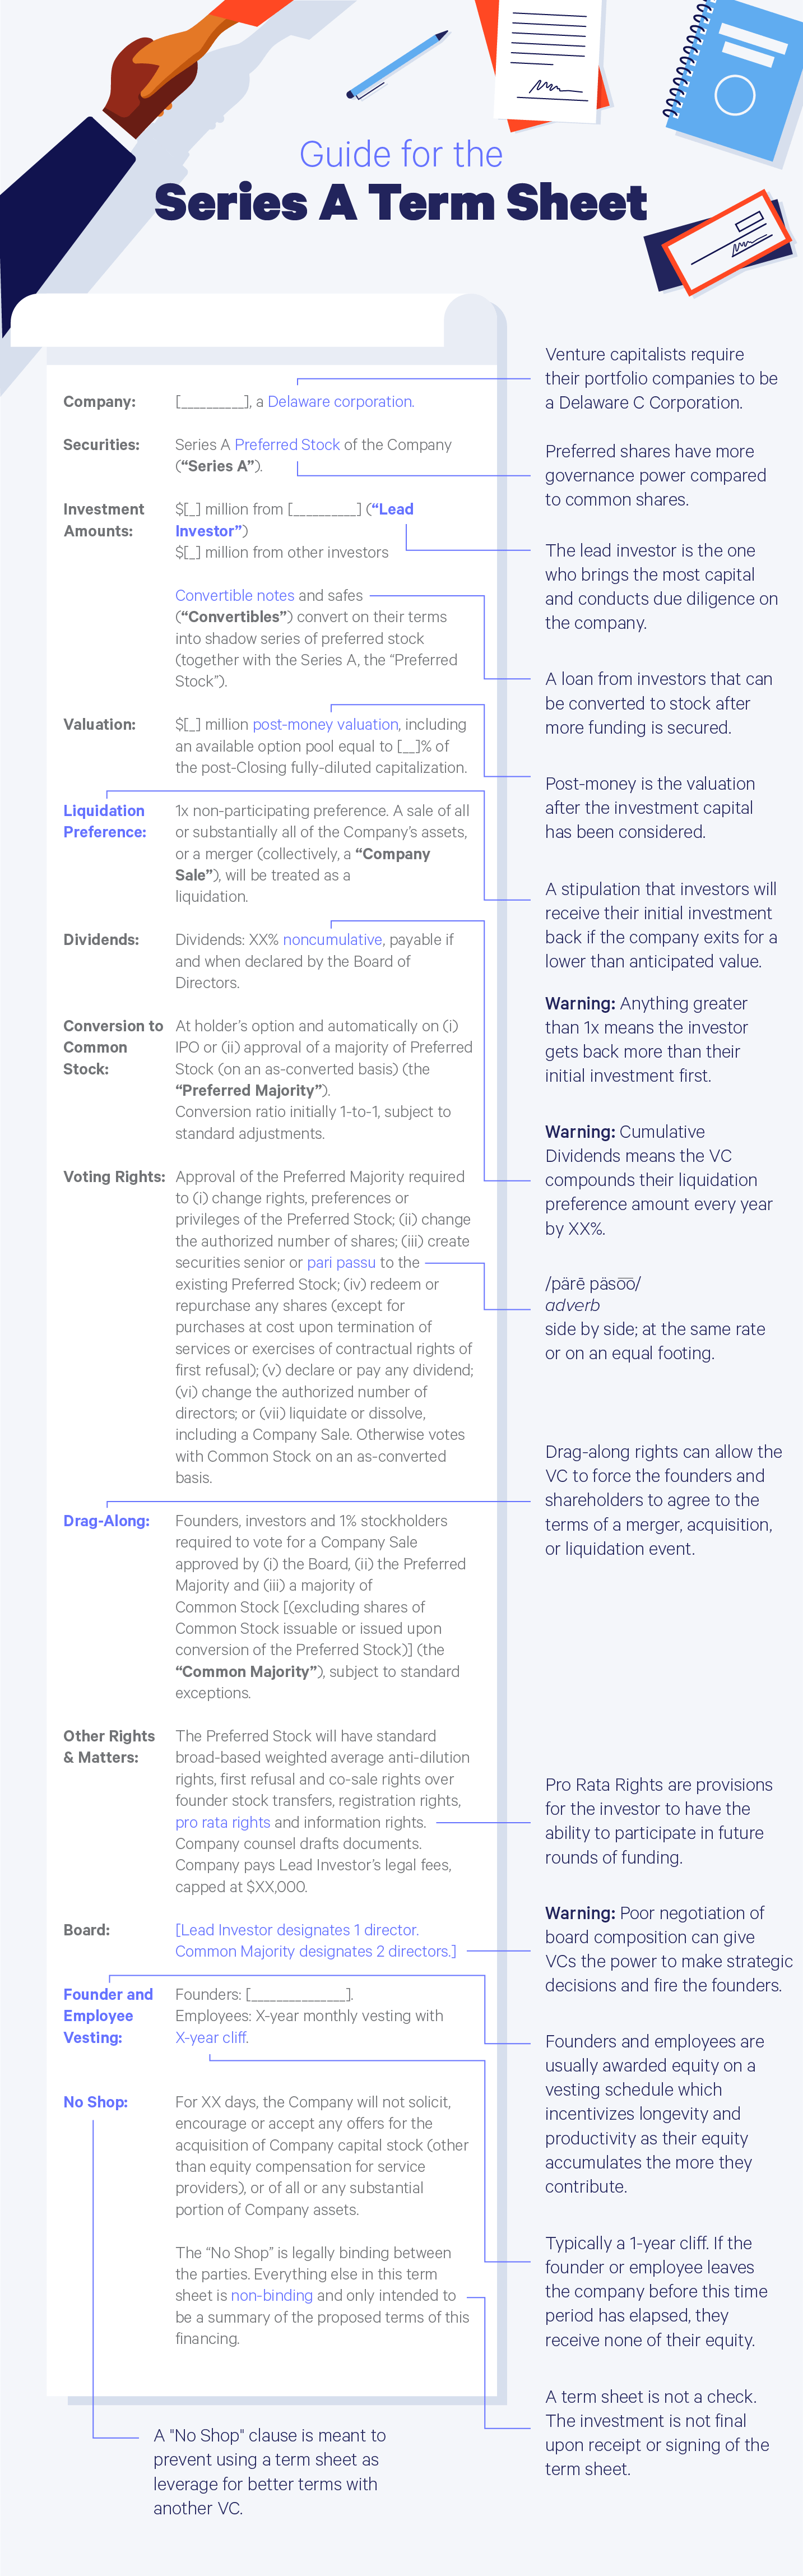 series a term sheet